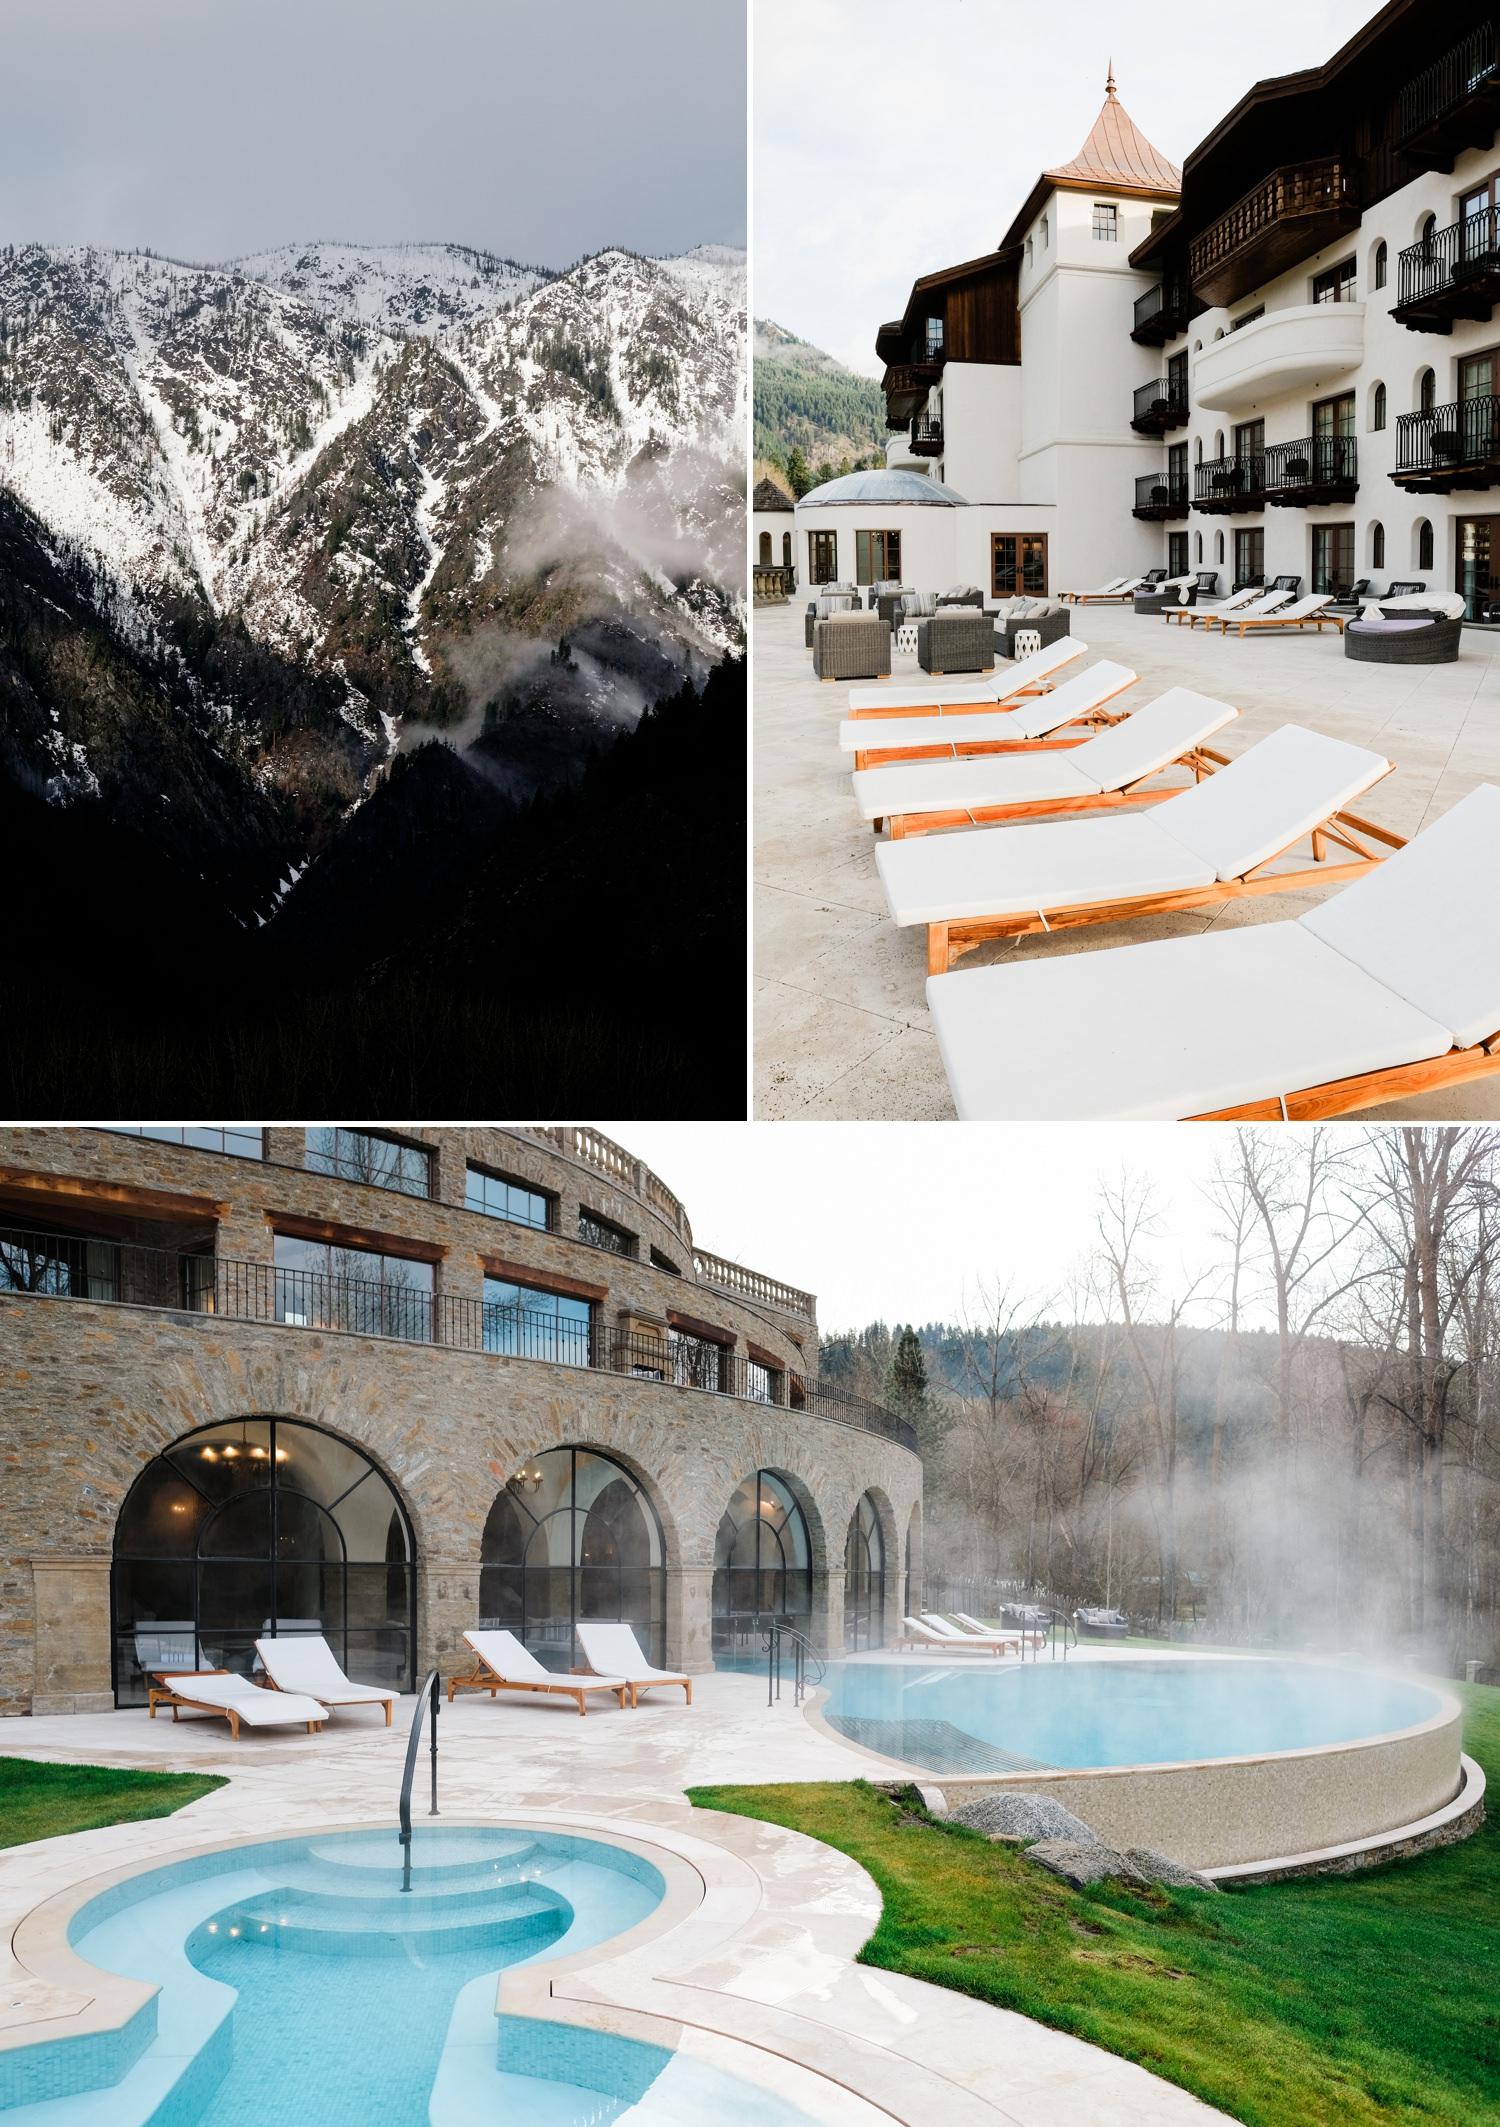 posthotel-leavenworth-honeymoon-cameron-zegers-photography-10.jpg